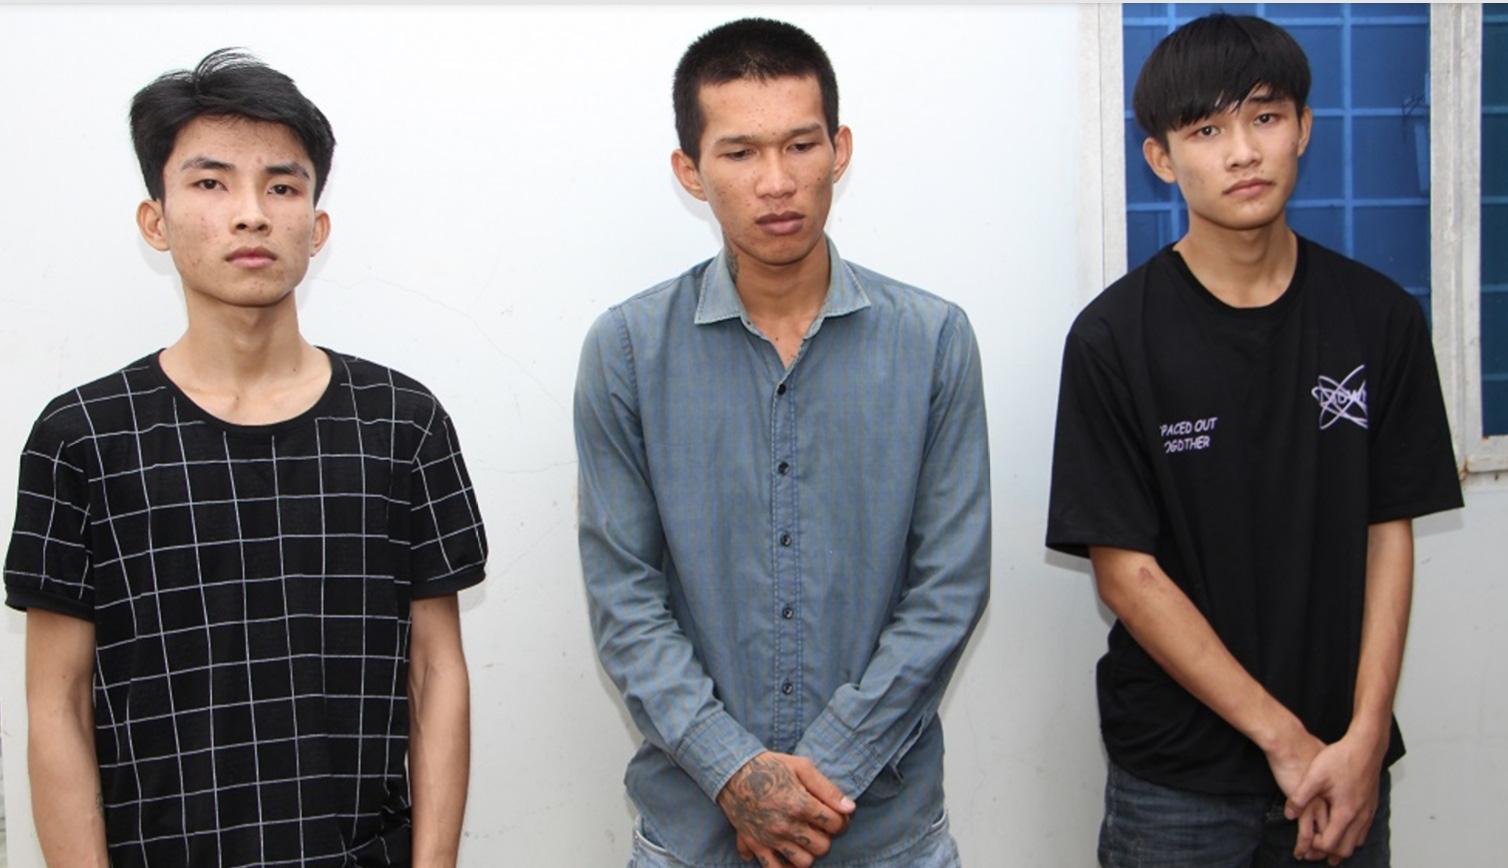 An Giang: Mua ma túy qua Zalo để dùng dần, ba thanh niên bị người dân báo công an - Ảnh 1.